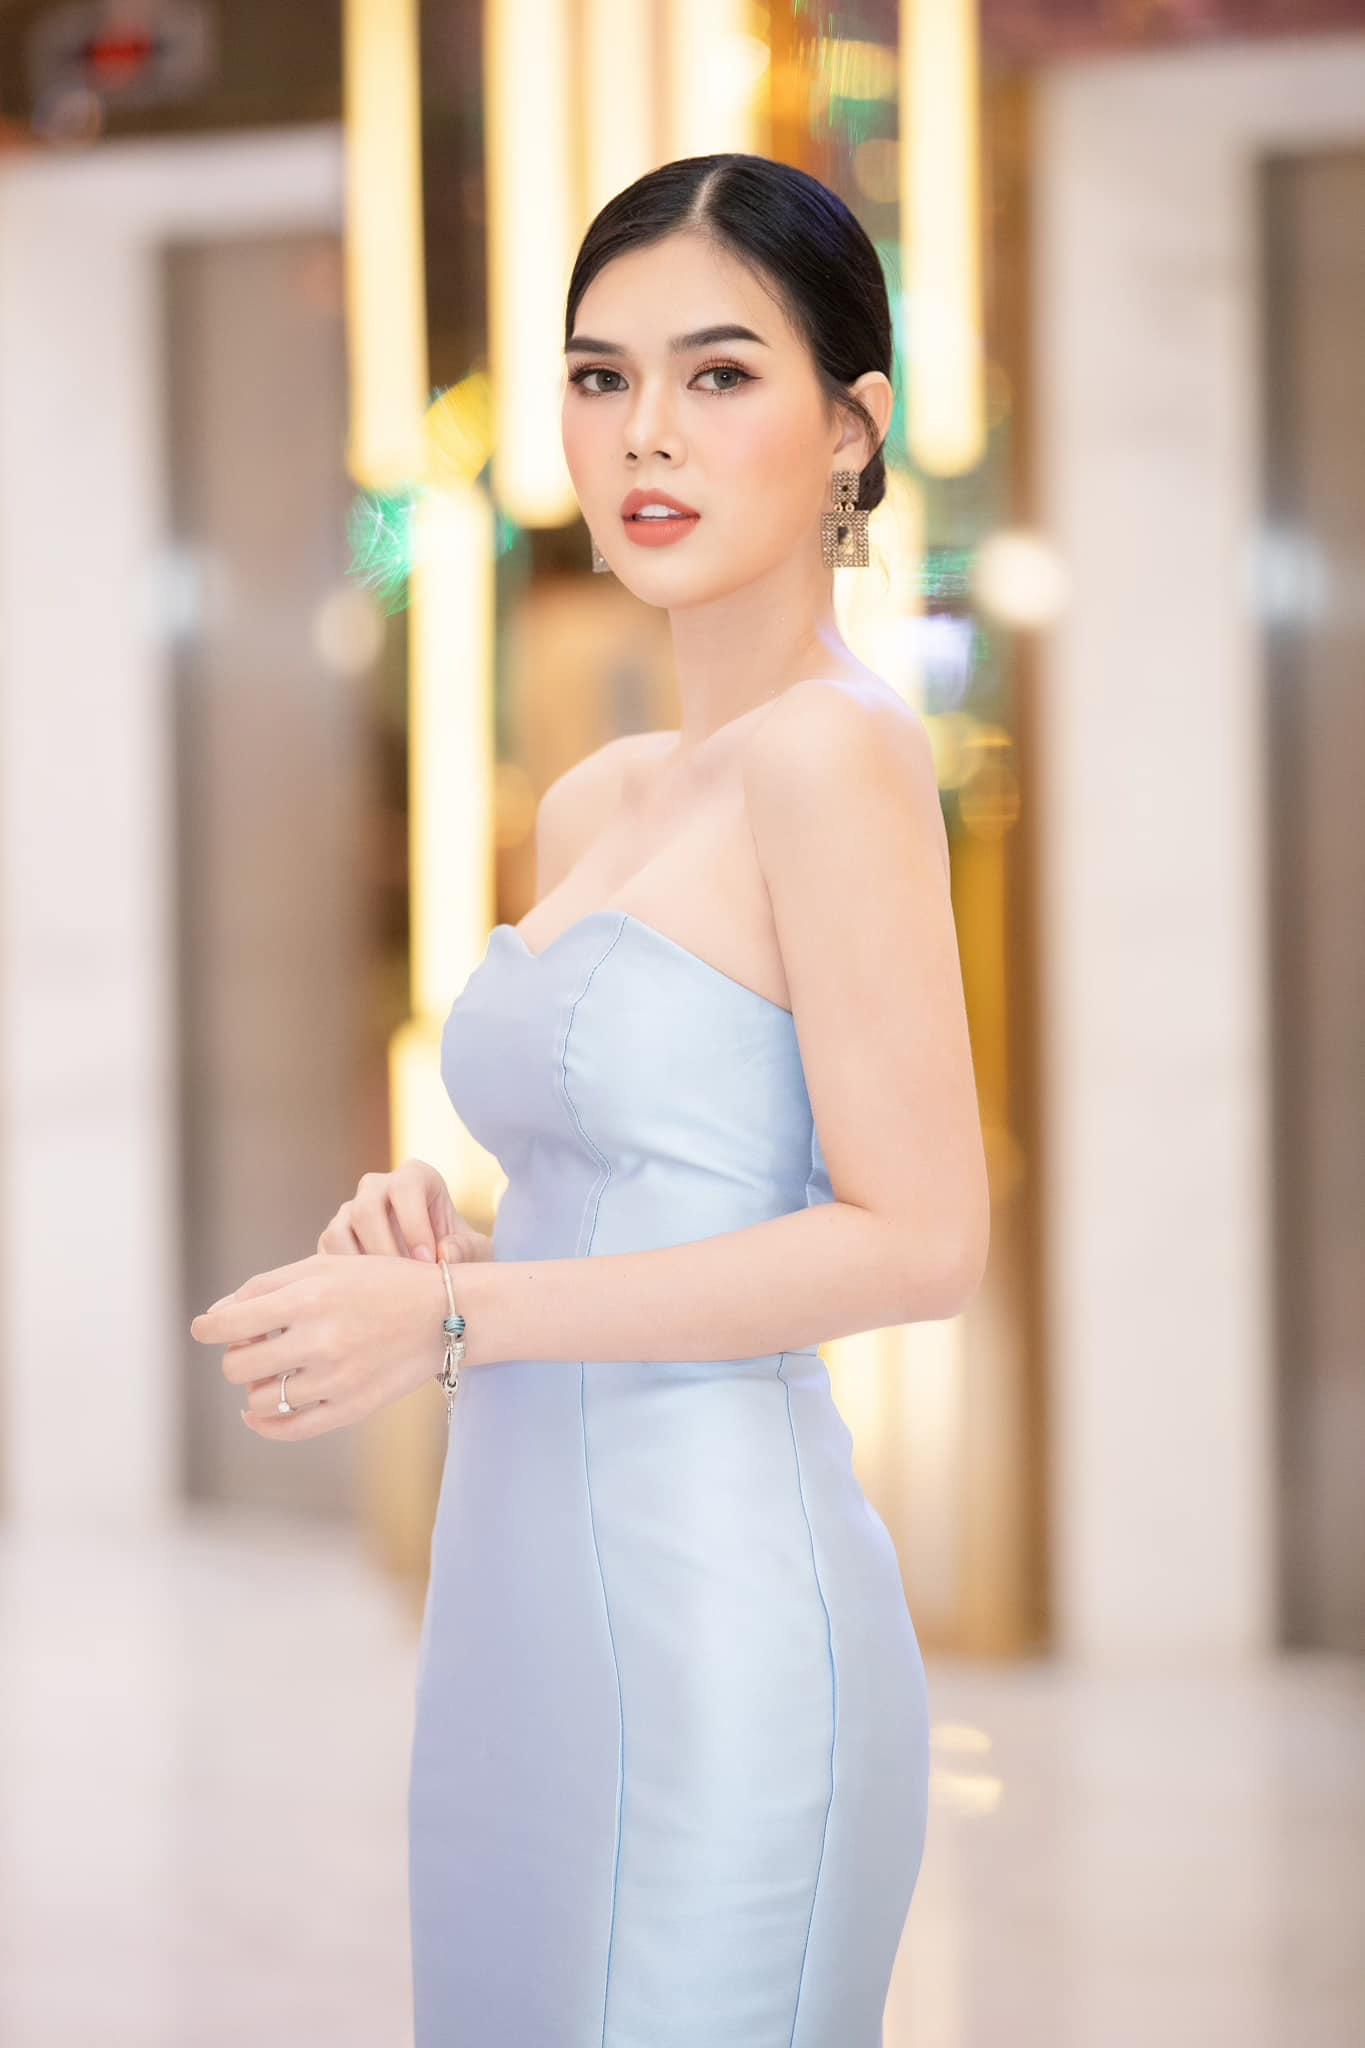 """Ngọc Trinh – người mẫu """"đốn tim"""" trai trẻ SHB Đà Nẵng, từng đoạt danh hiệu Á hậu là ai?"""